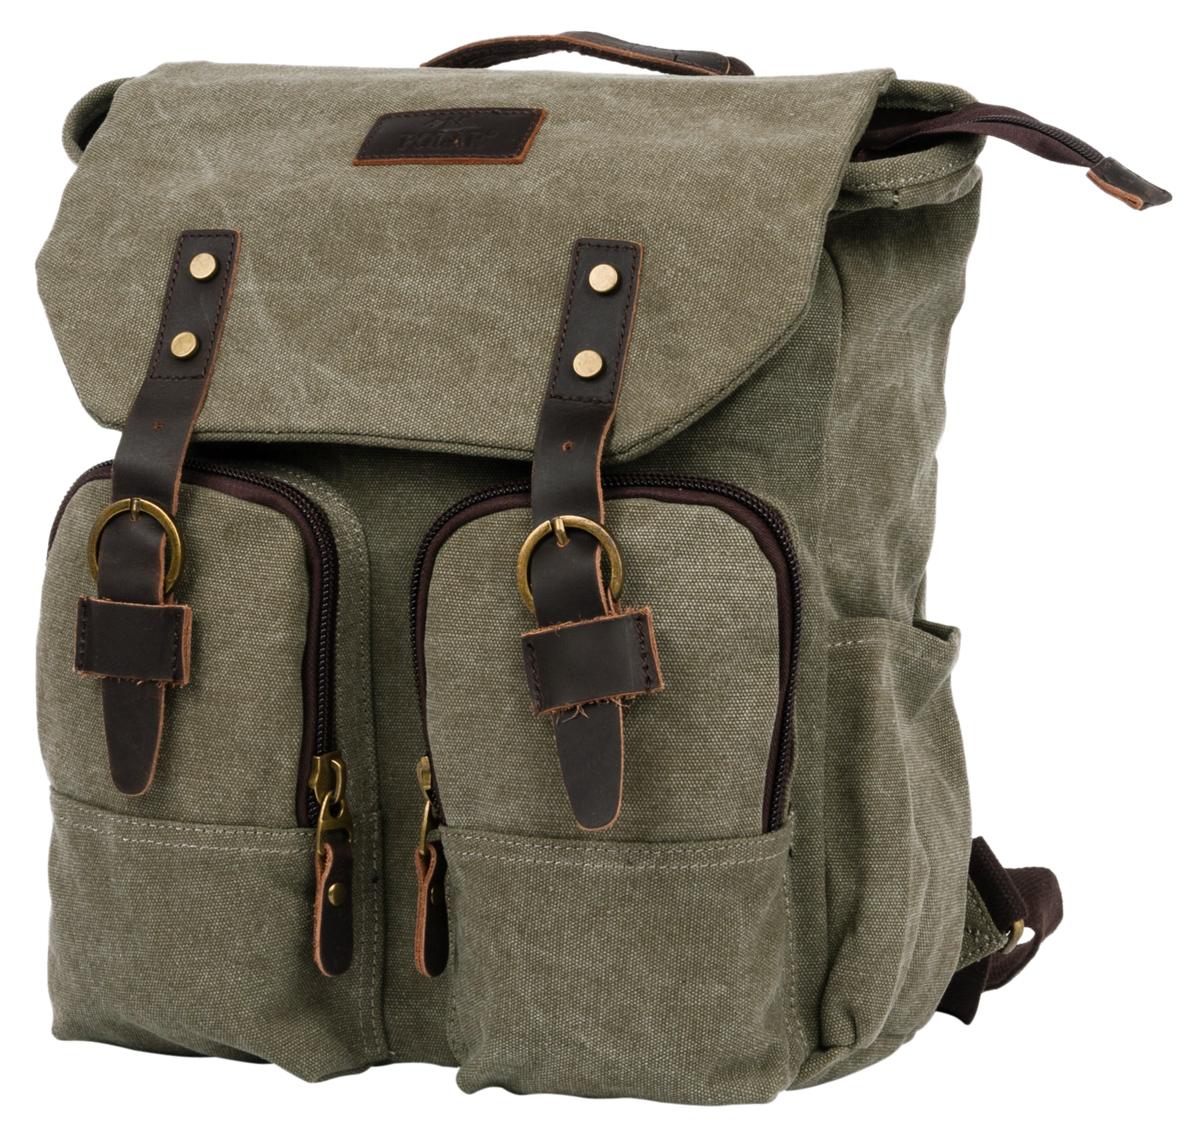 Рюкзак городской мужской Polar Adventure, цвет: хаки, 12 л. п3788-08 green